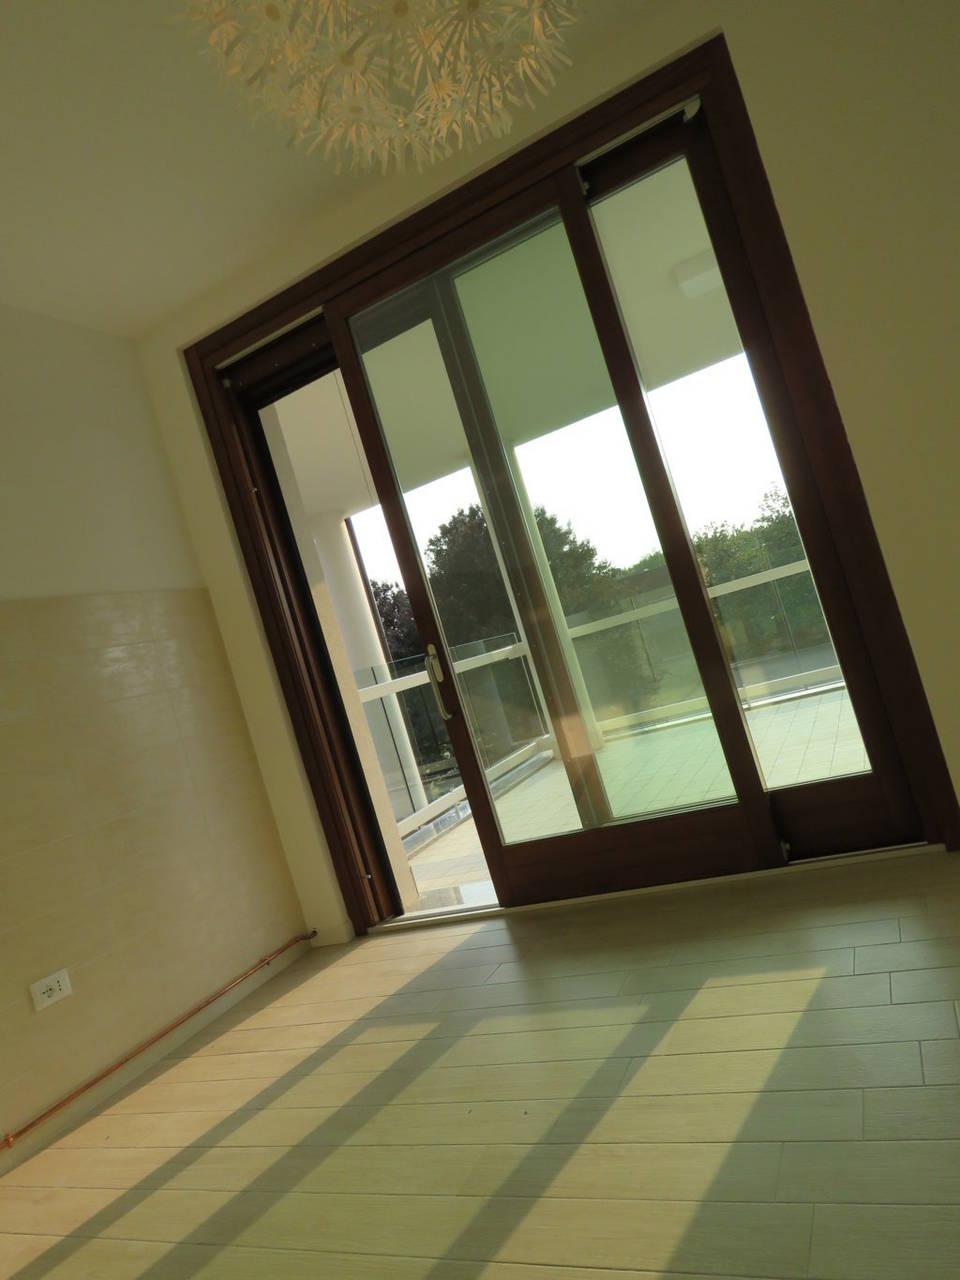 Case-nuove-in-vendita-in-Burago-di-Molgora-Monza-Brianza-4